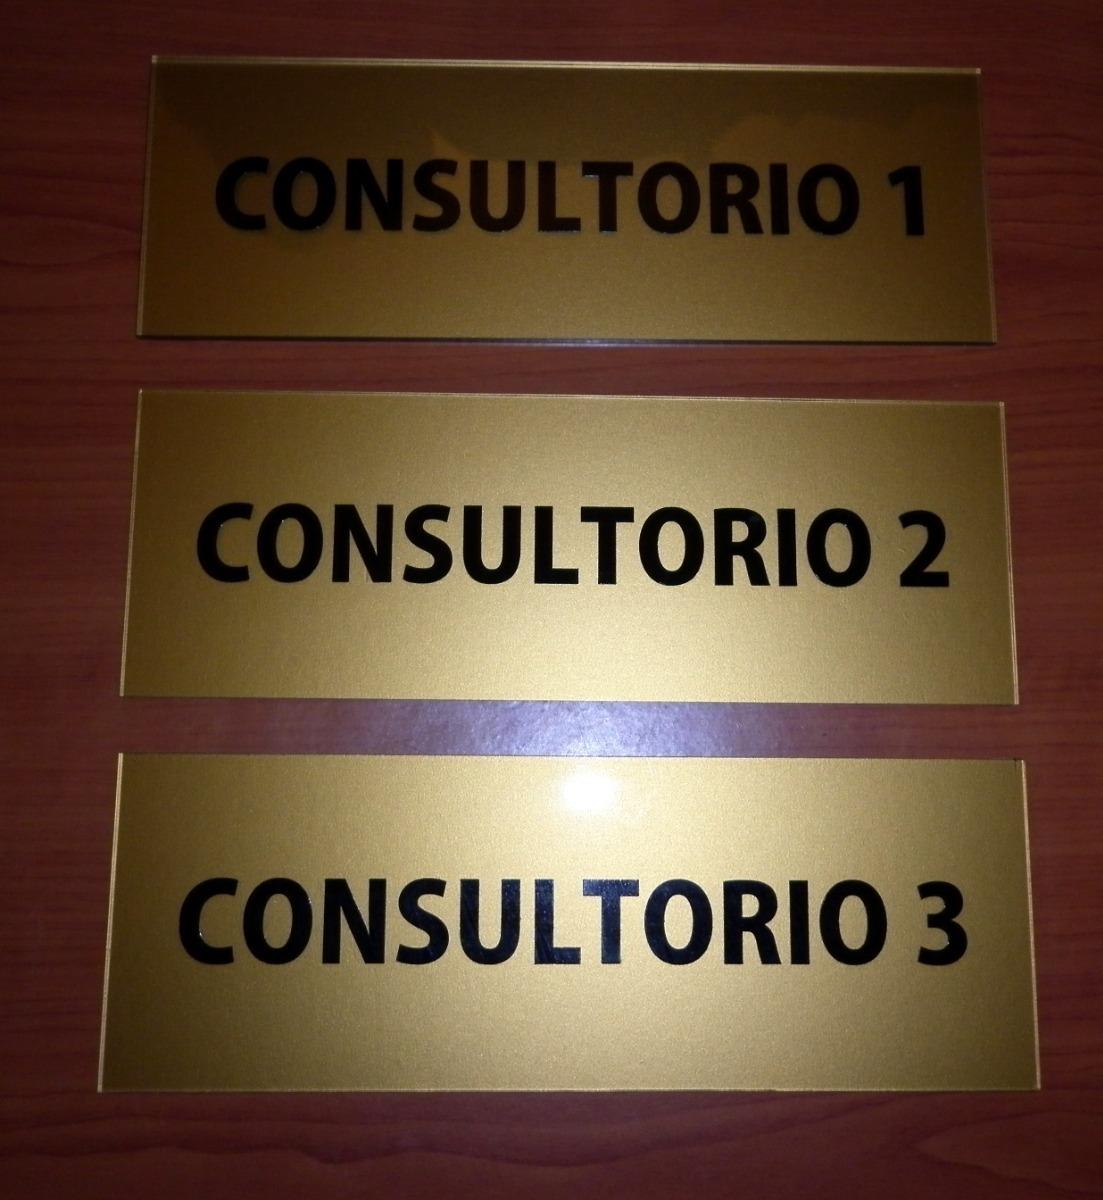 3-carteles-indicador-acrilico-puertas-oficinas-D_NQ_NP_871373-MLA31605923033_072019-F